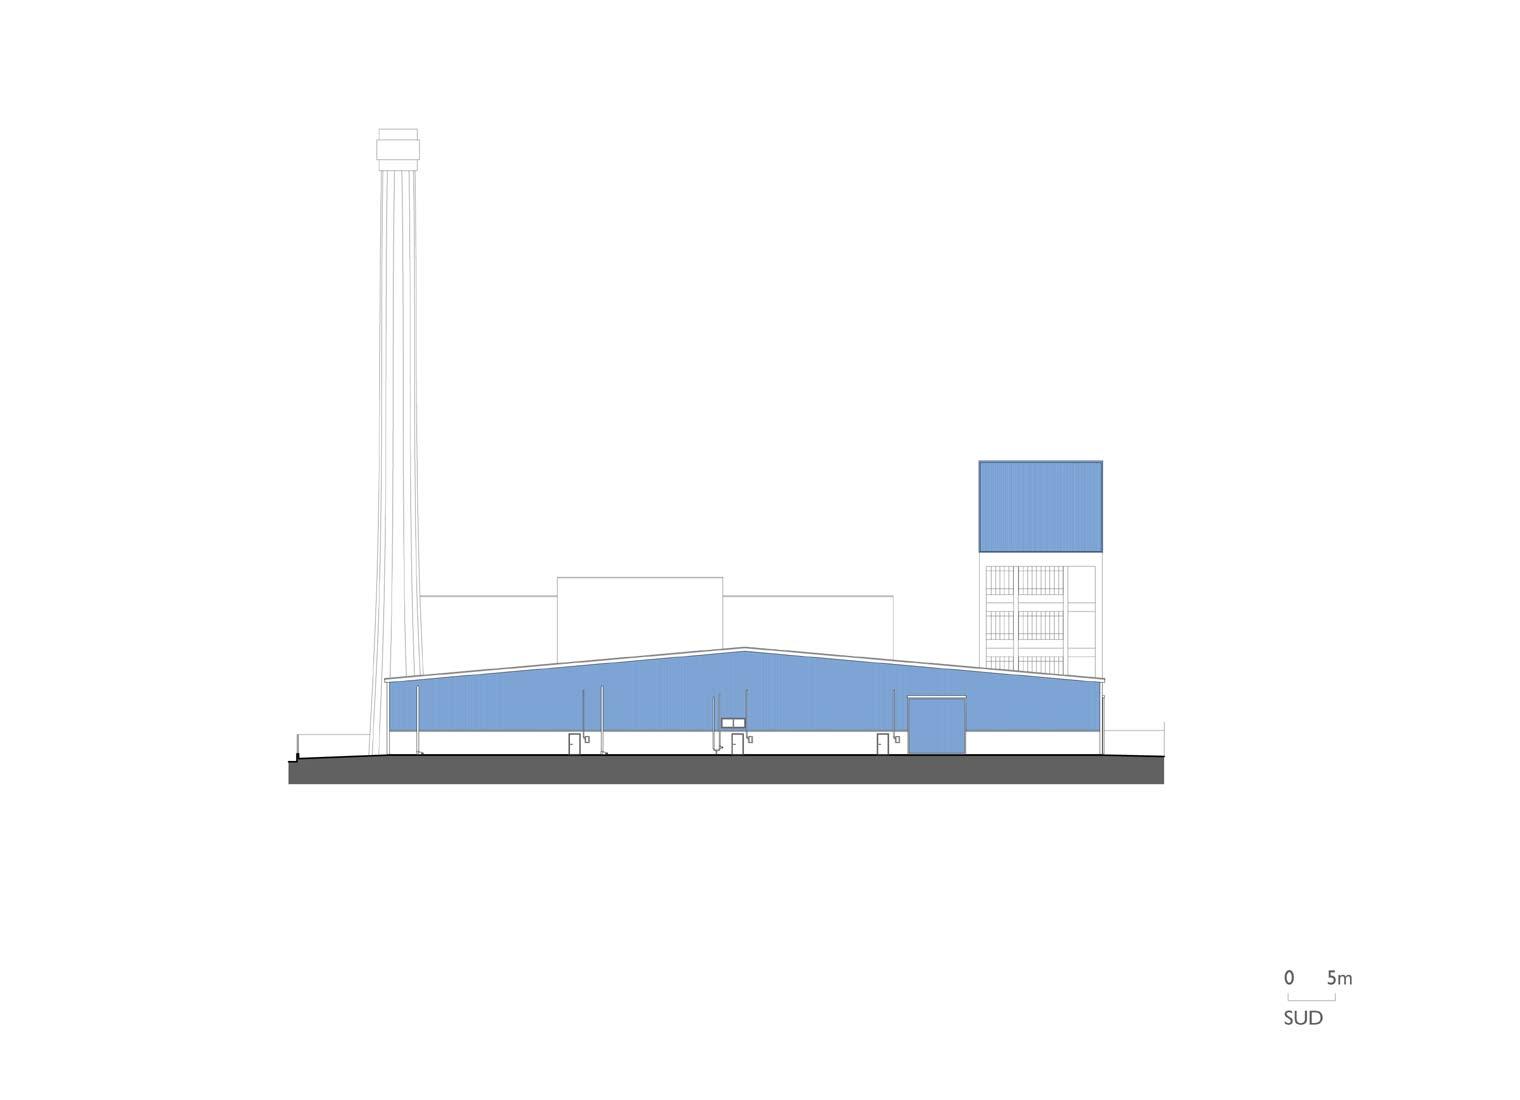 vk-architetti_ezit1_35